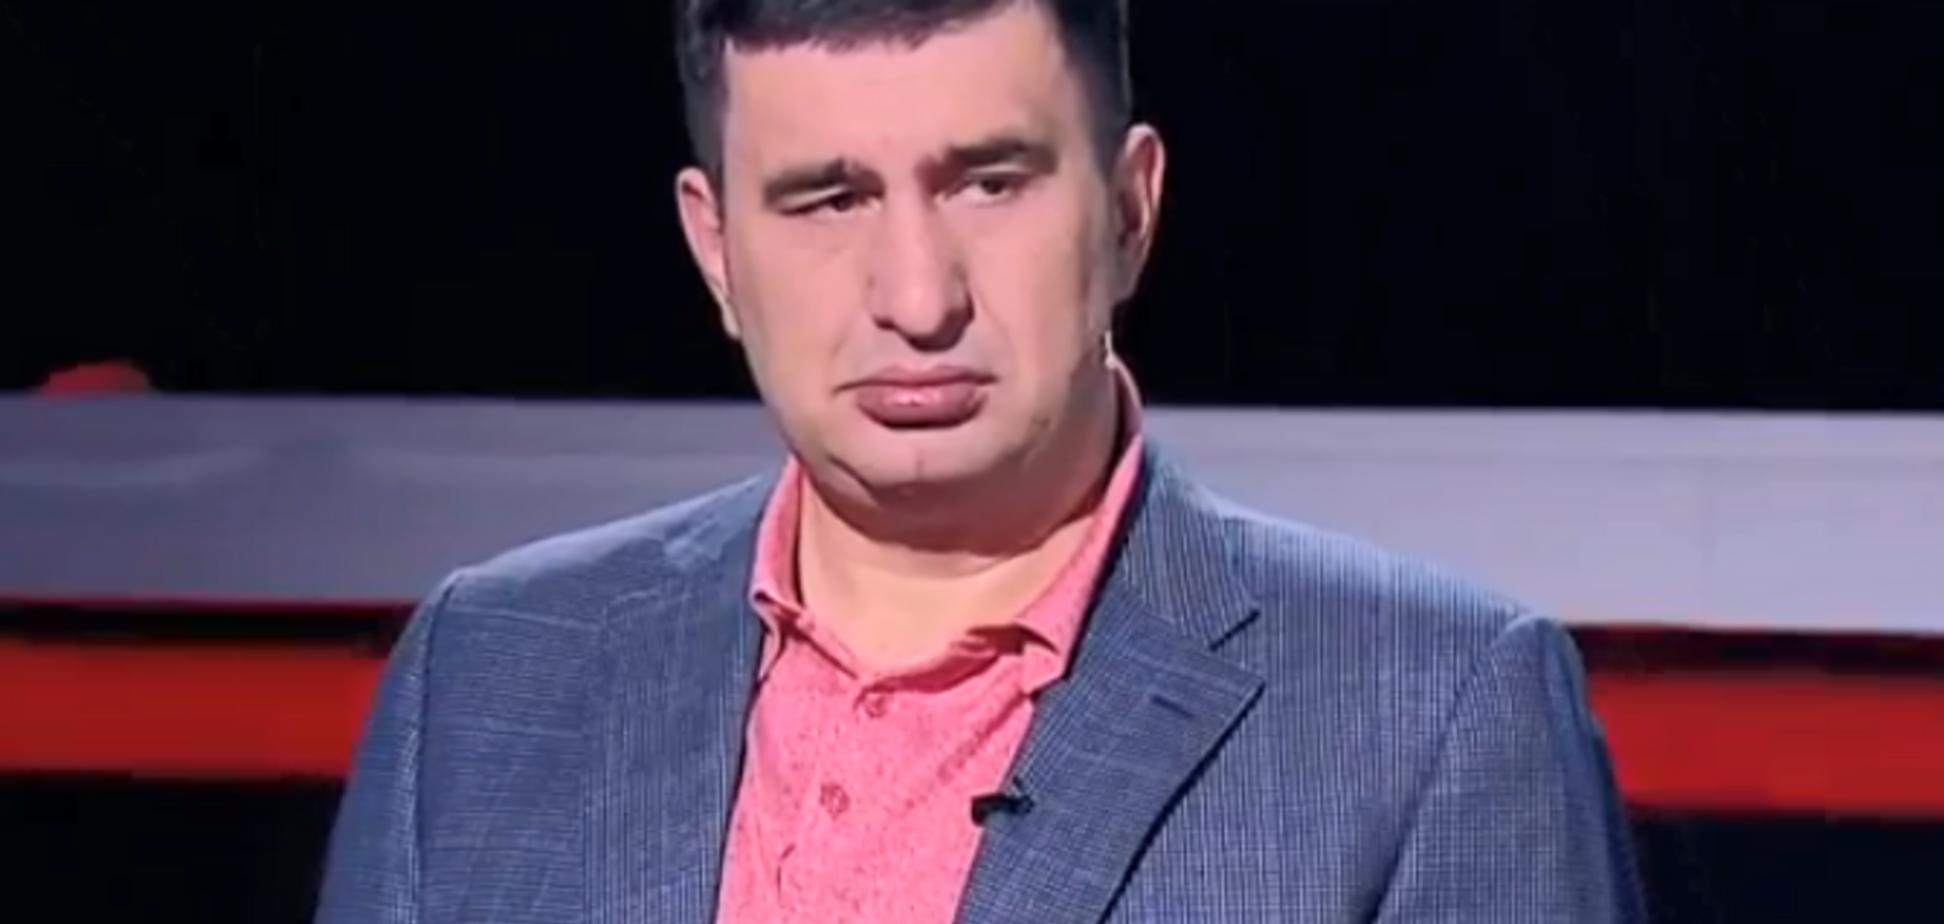 'Україна припиняє існування': екс-нардеп-утікач вибухнув цинічною промовою на росТБ